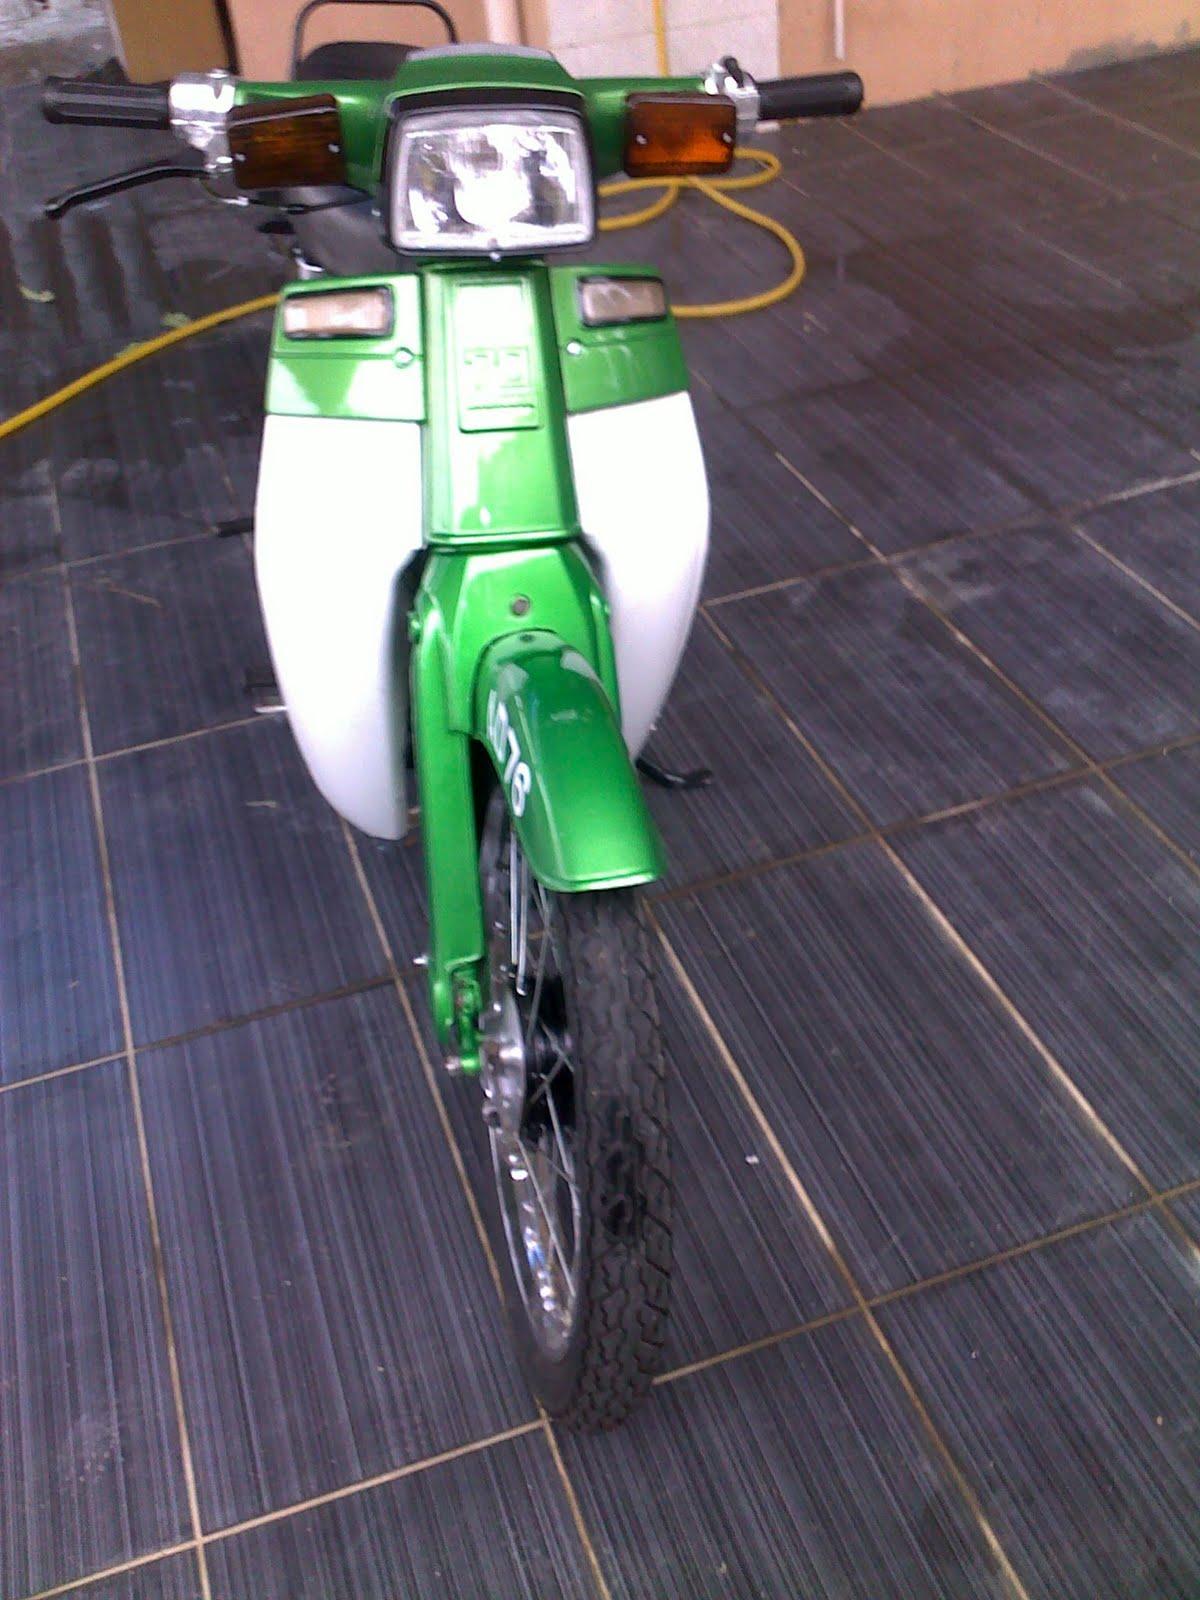 ASMADI ABDUL RAHMAN: MOTOR TEMAN HONDA C70 UNTUK DIJUAL